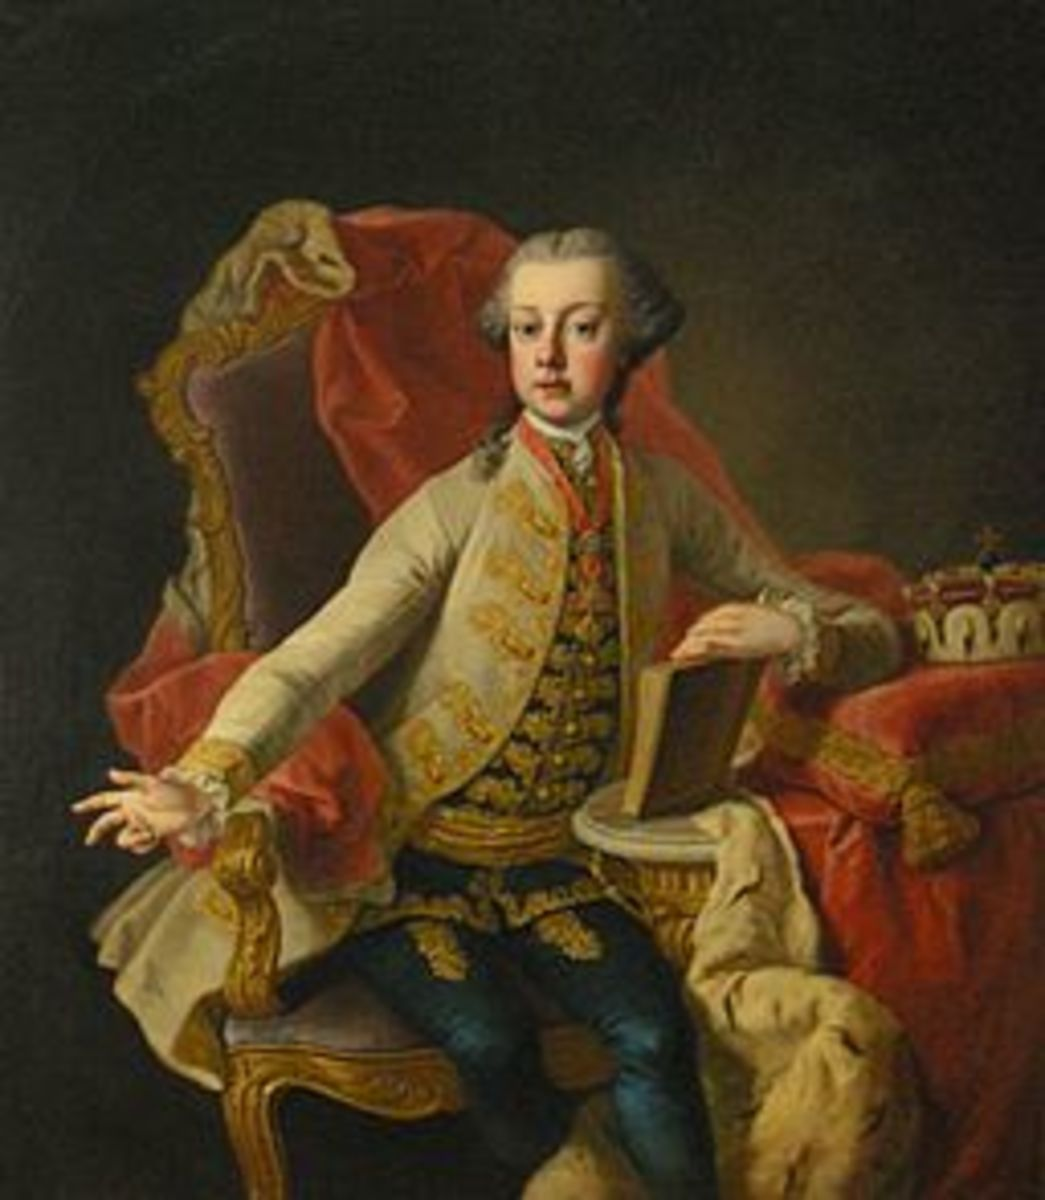 Joseph II of Austria